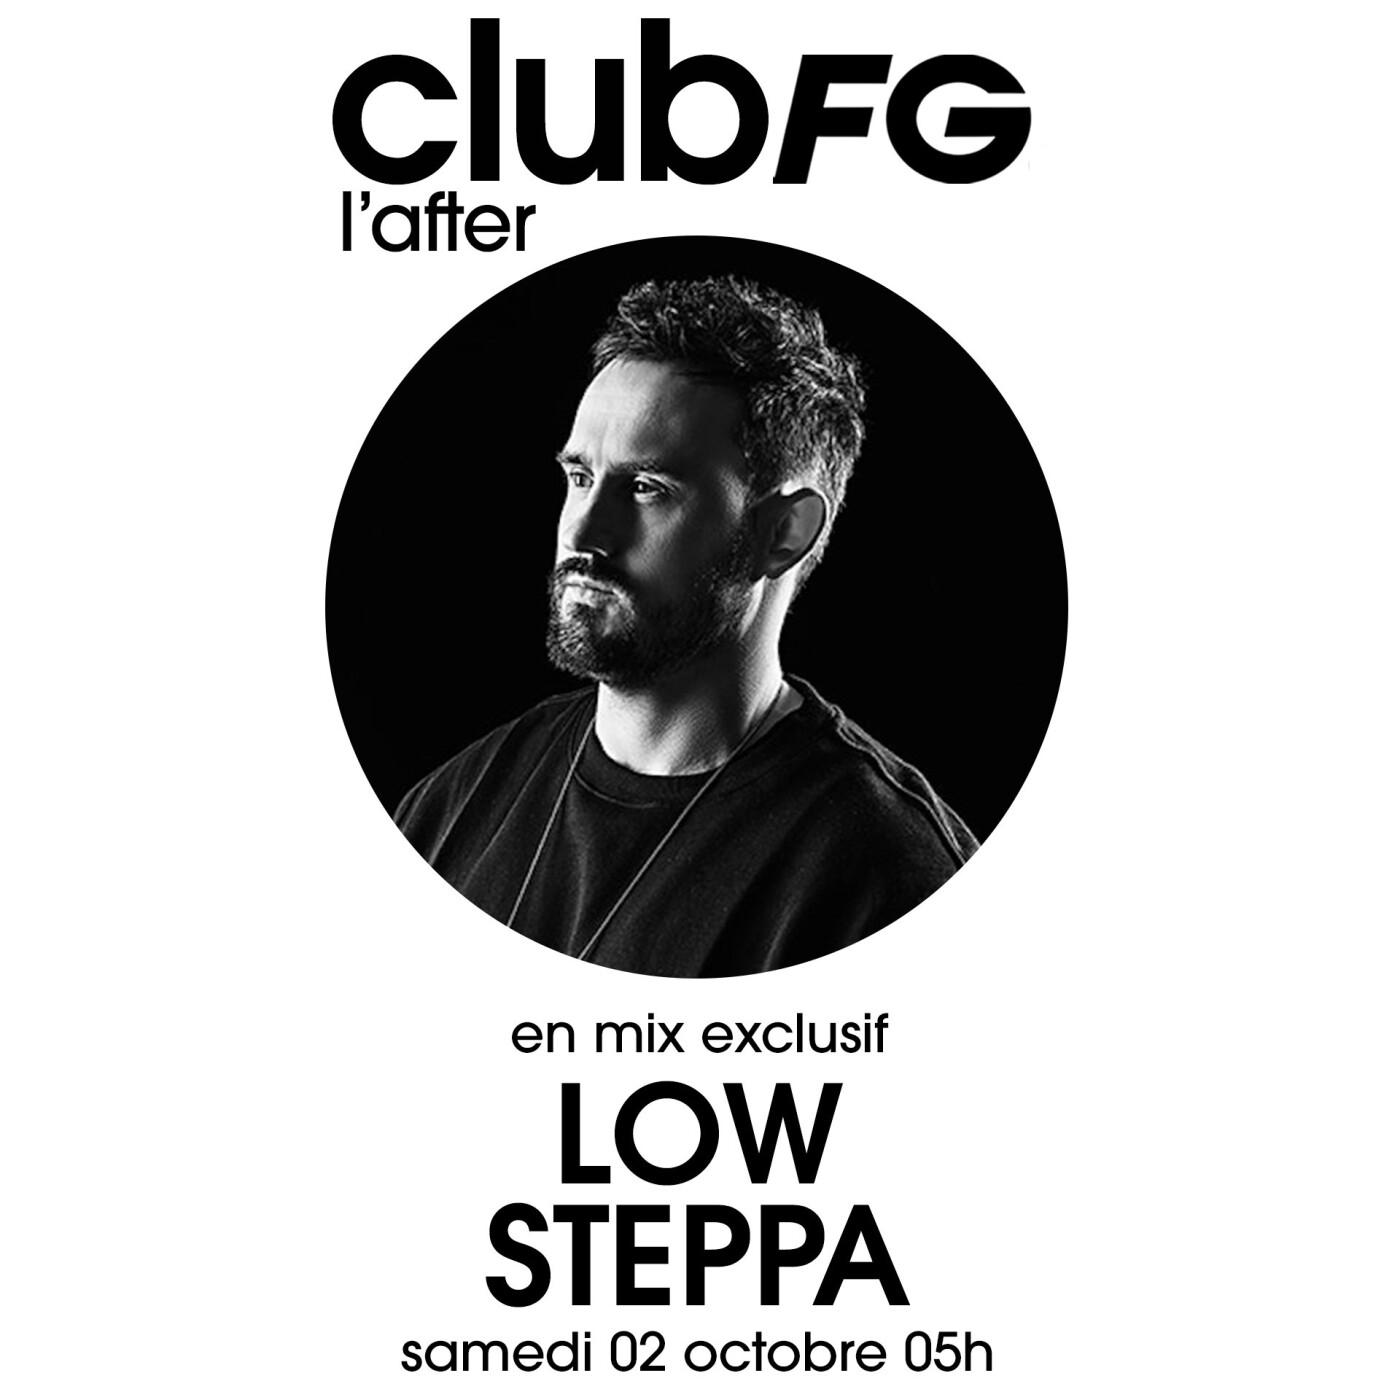 CLUB FG : LOW STEPPA